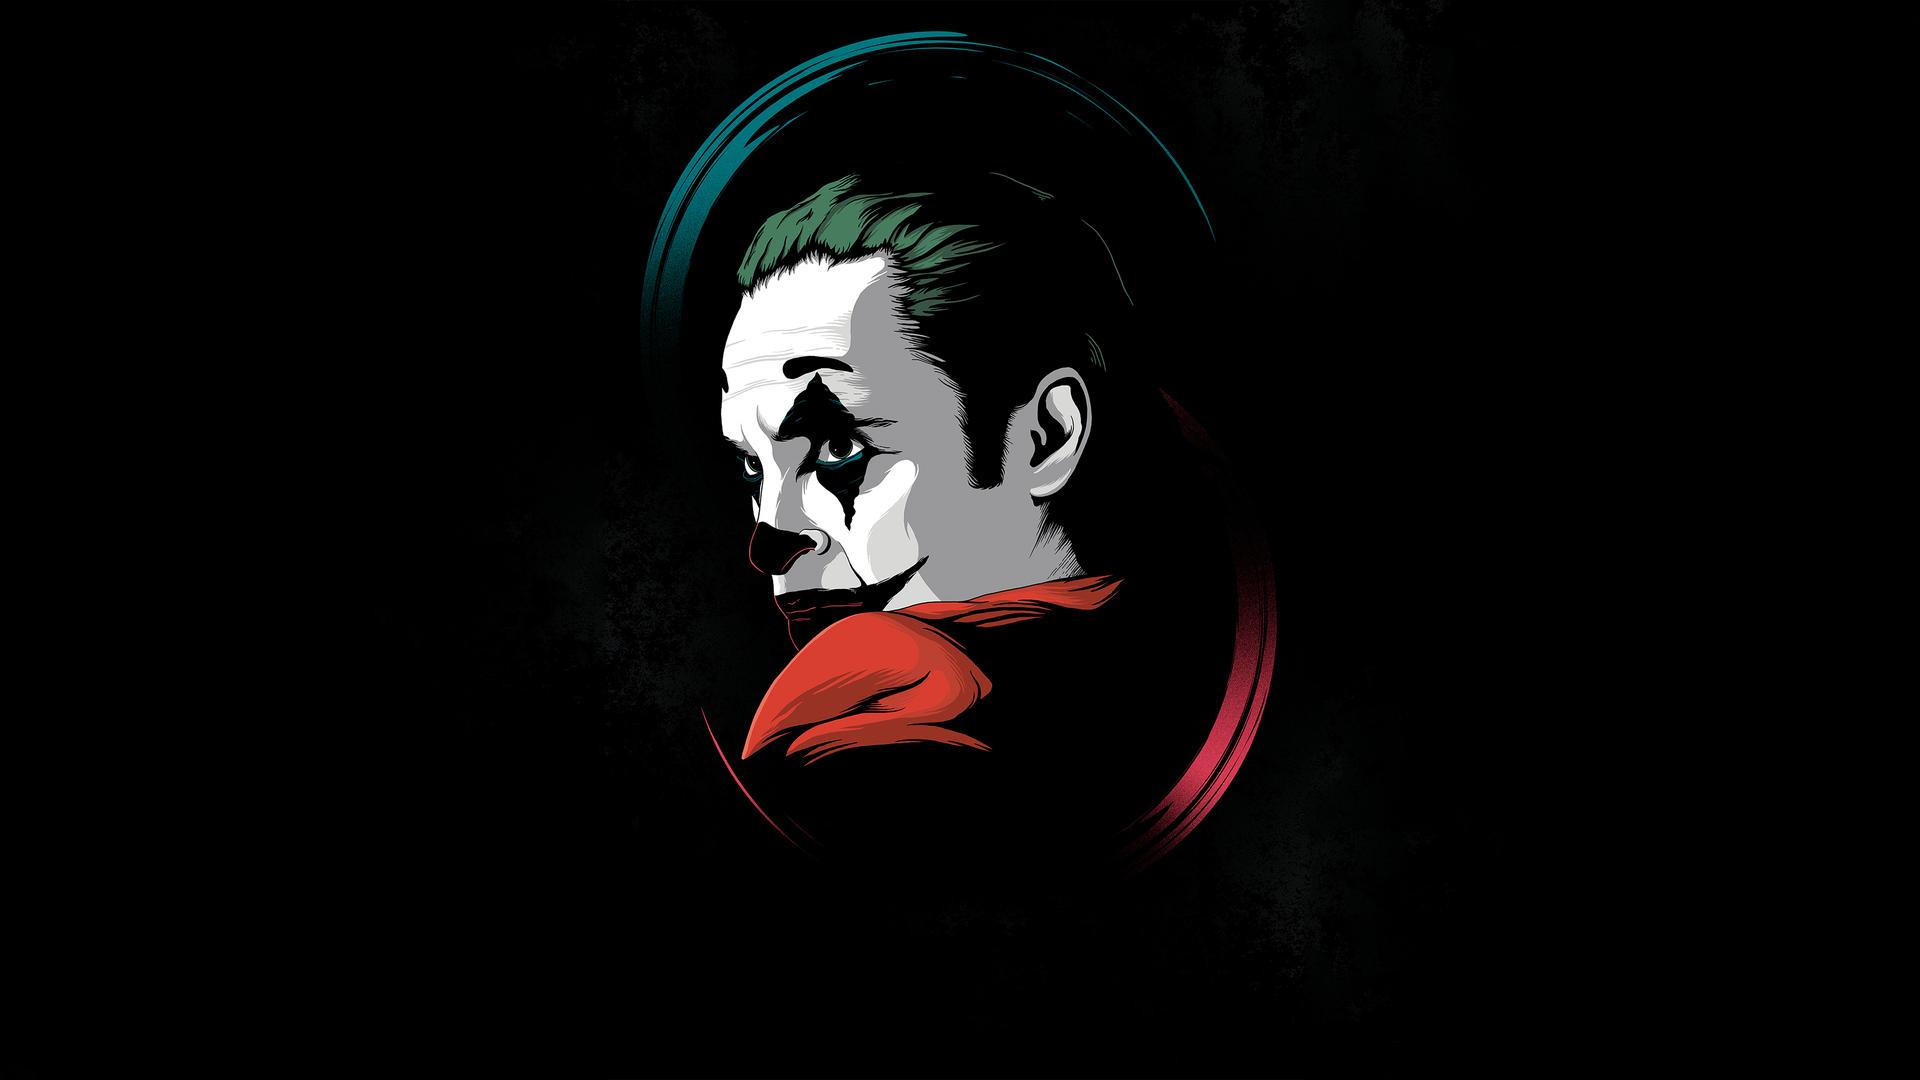 joker-movie-minimal-a0.jpg